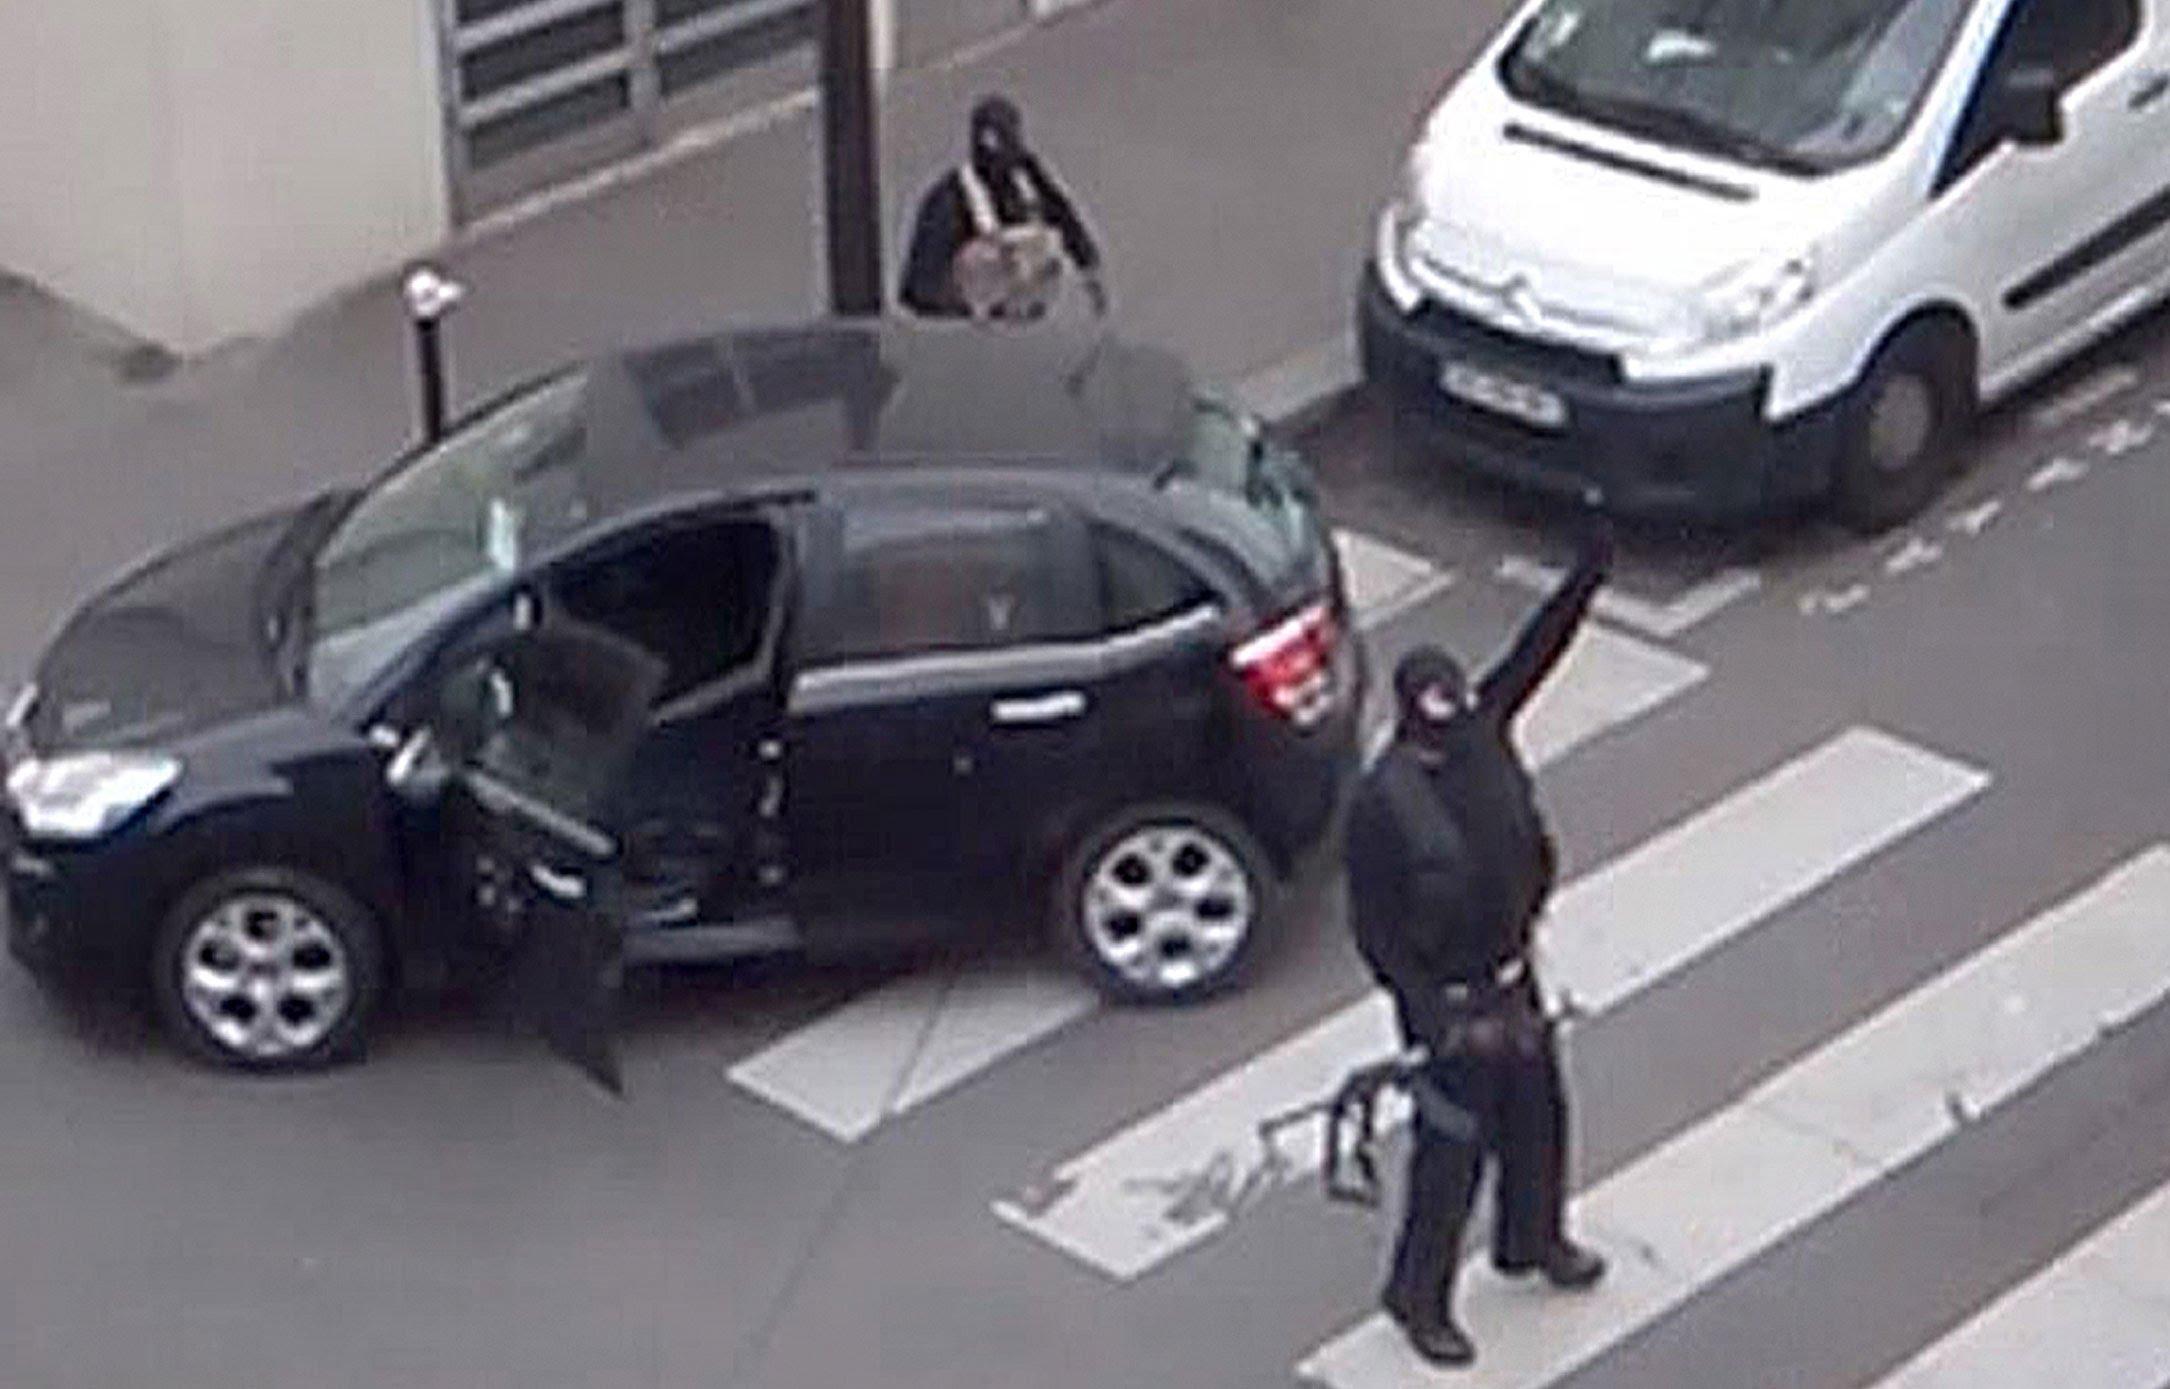 Les frères kouachi sortant des locaux de Charlie Hebdo, le 7 janvier 2015 à 11H40